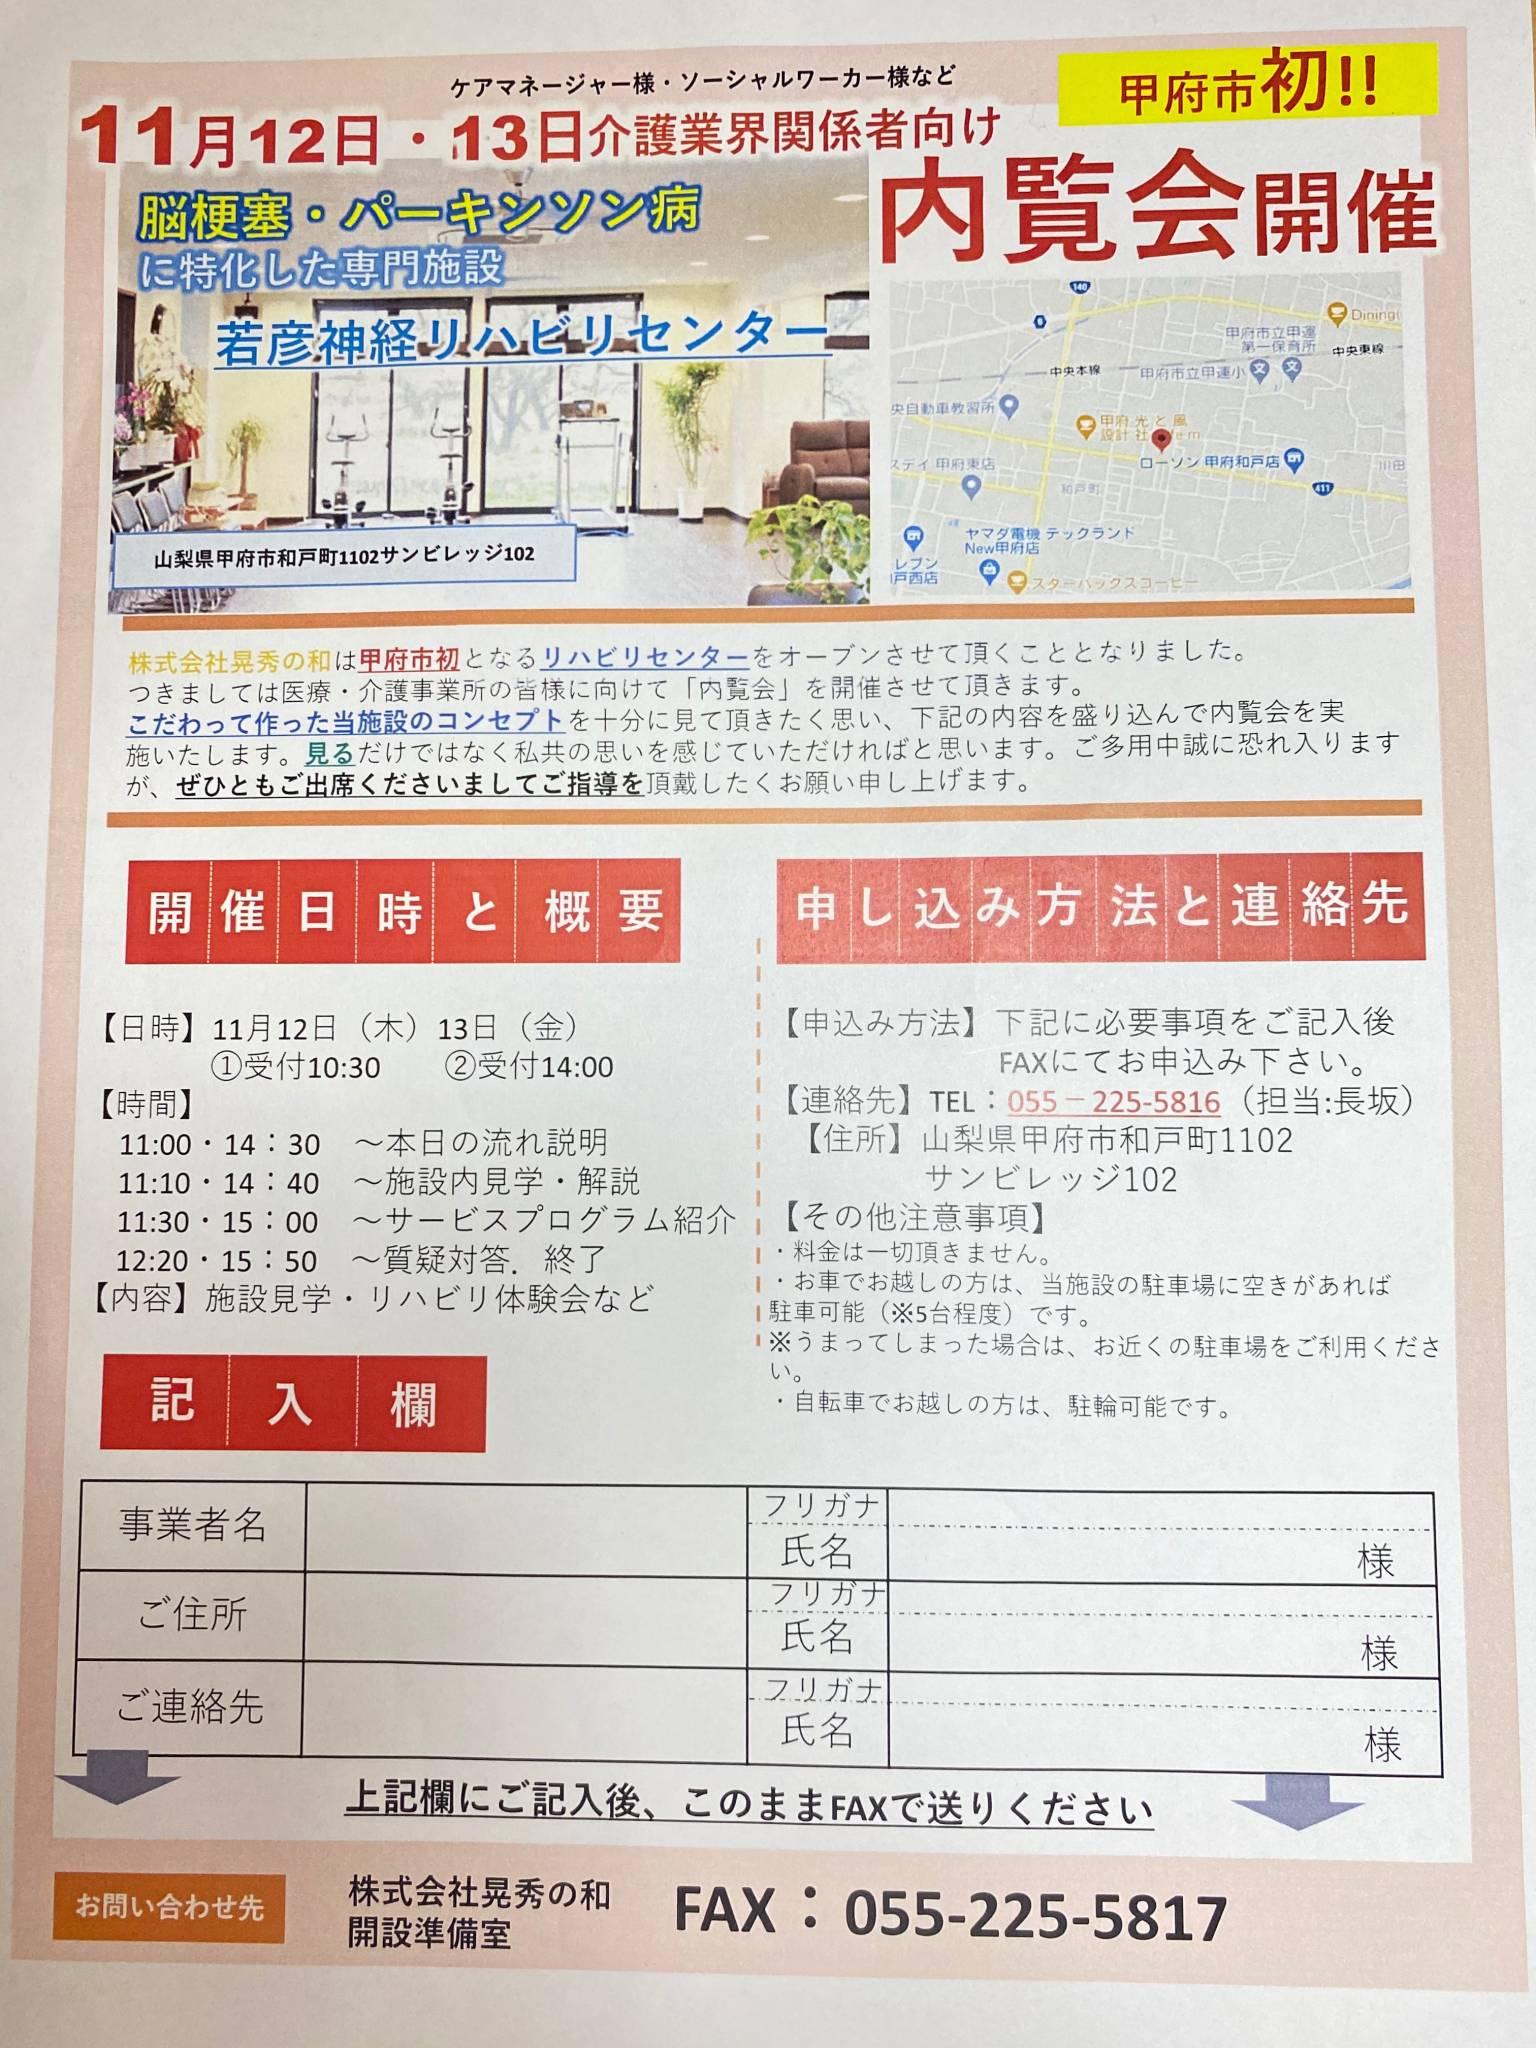 《お知らせ》11月12日,13日 若彦神経リハビリセンター内覧会開催